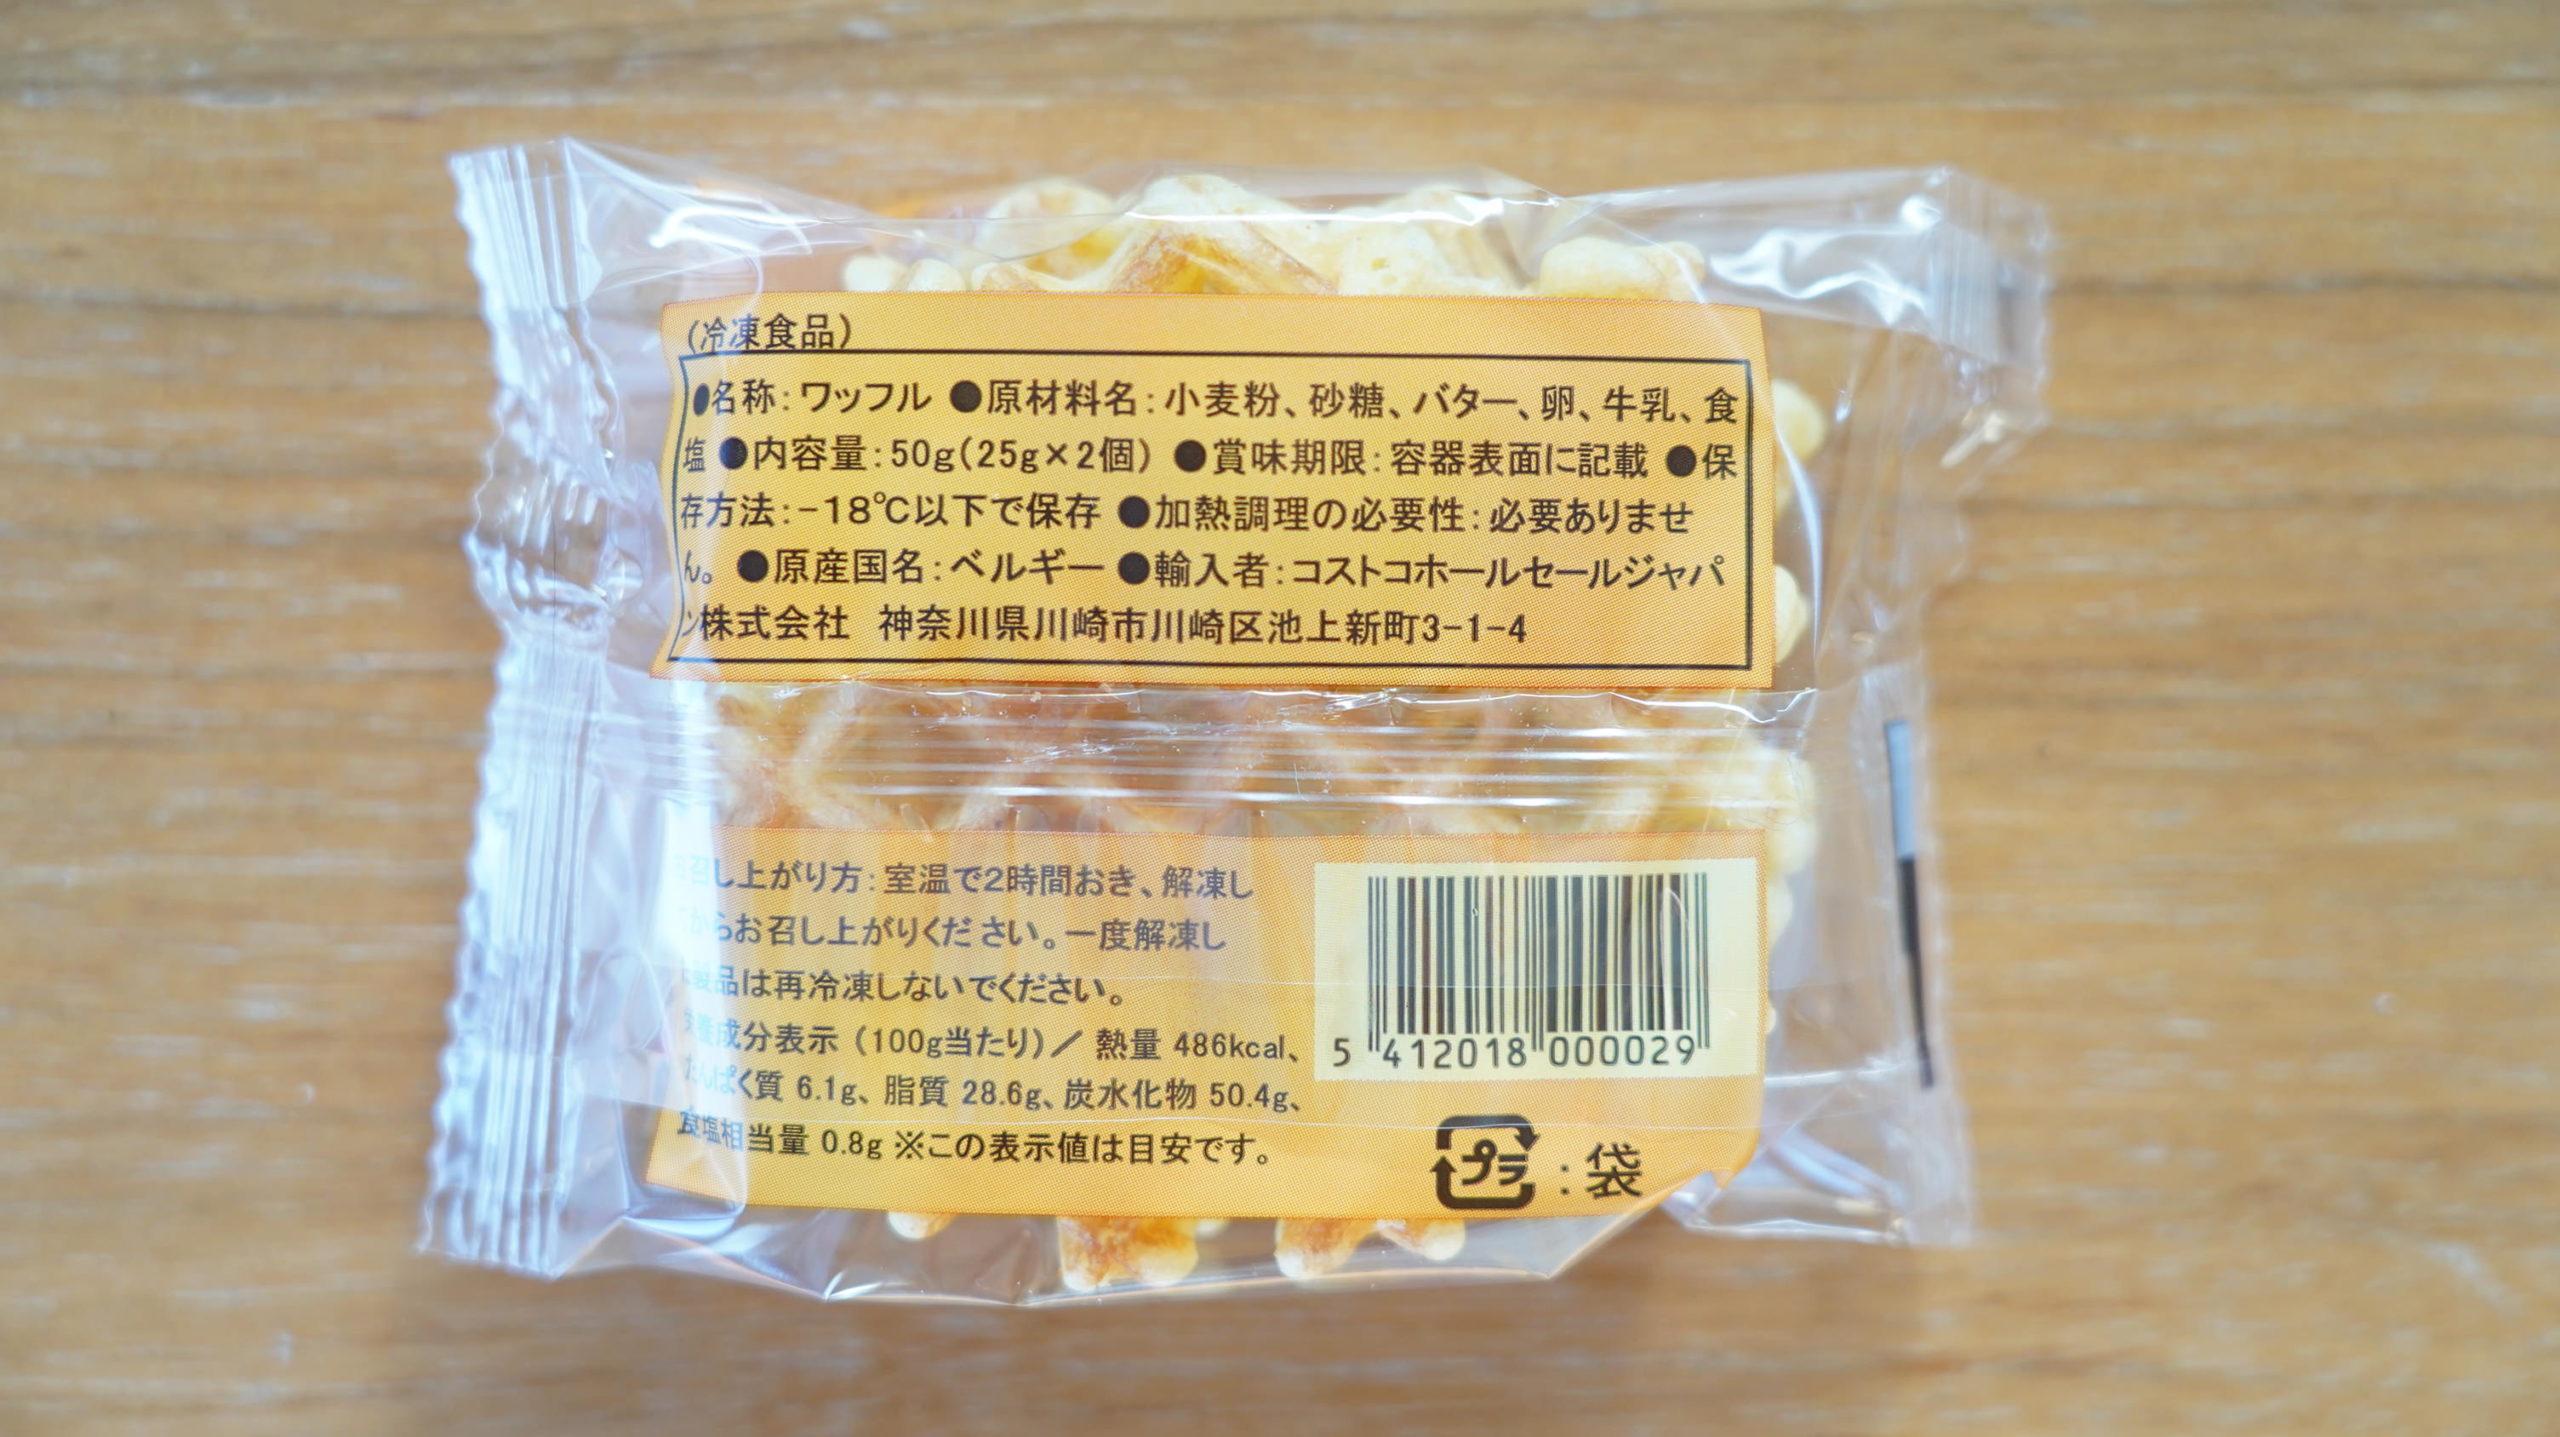 コストコの冷凍食品「ベルギー・バターワッフル」の袋の裏面の写真